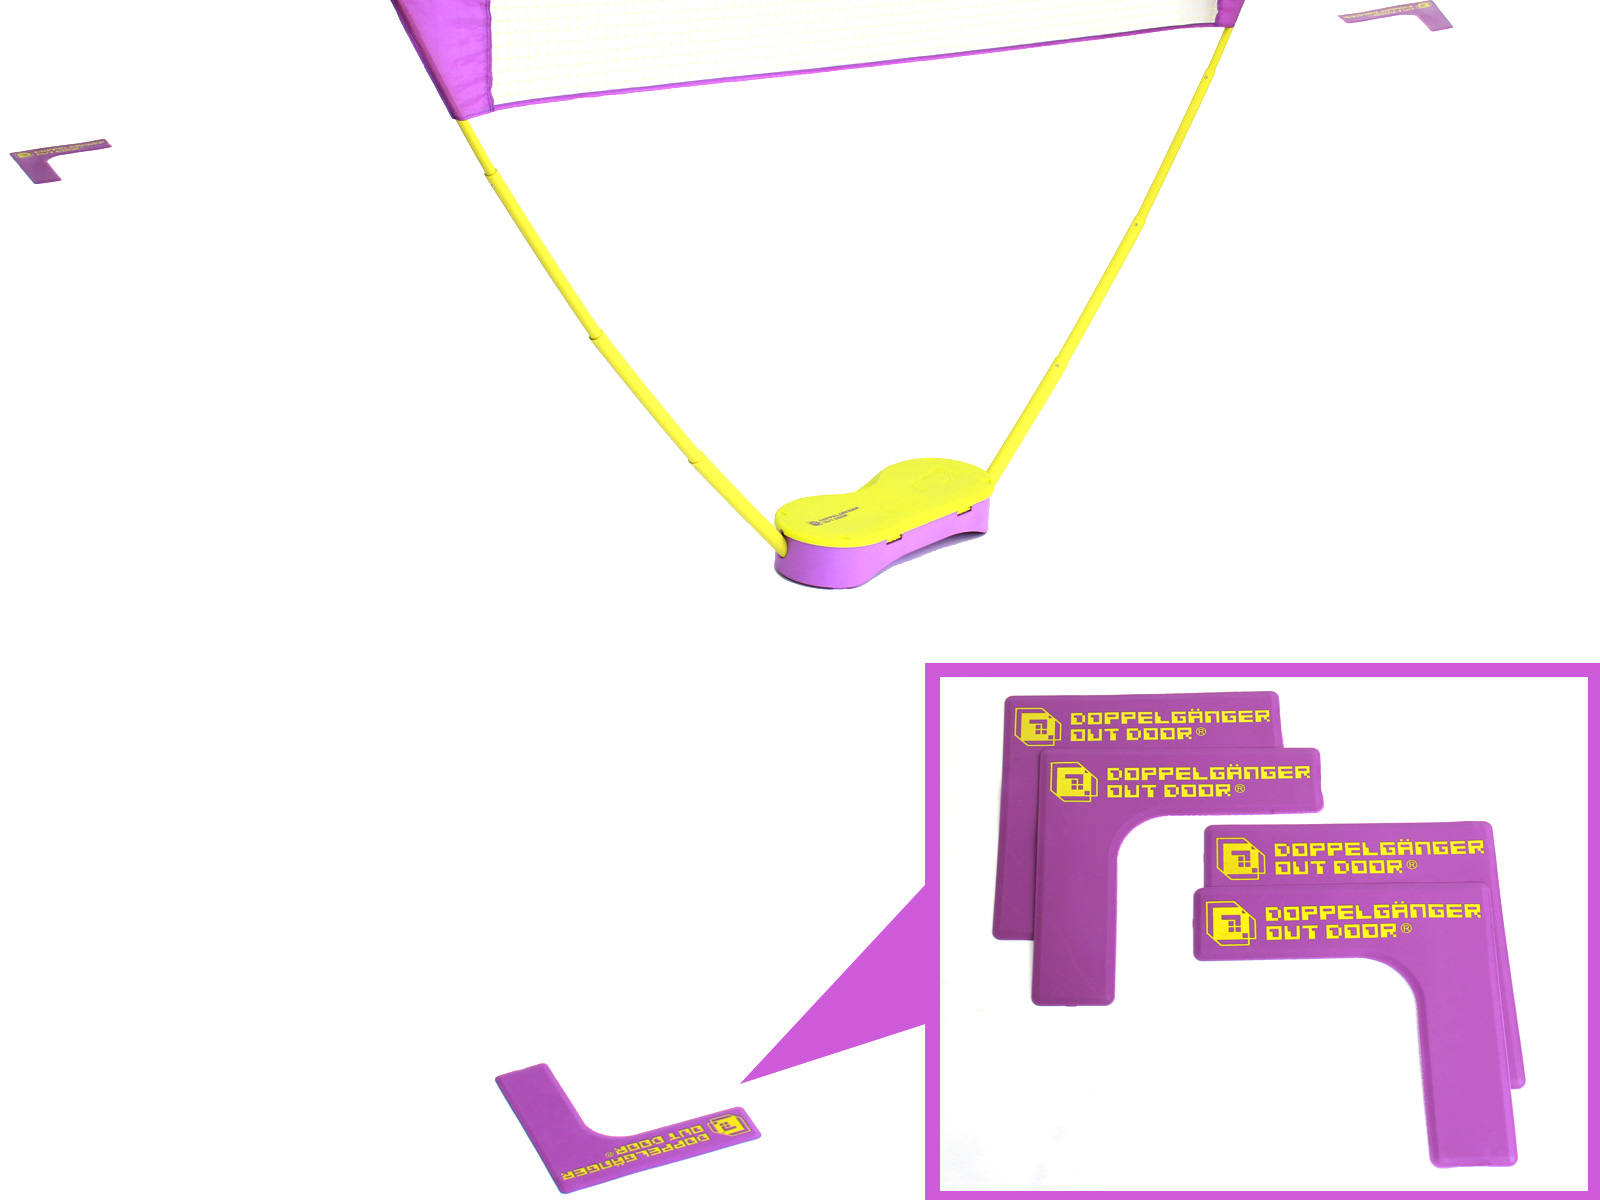 ポータブルバドミントンネットの各部の特徴(グランドマーカー)